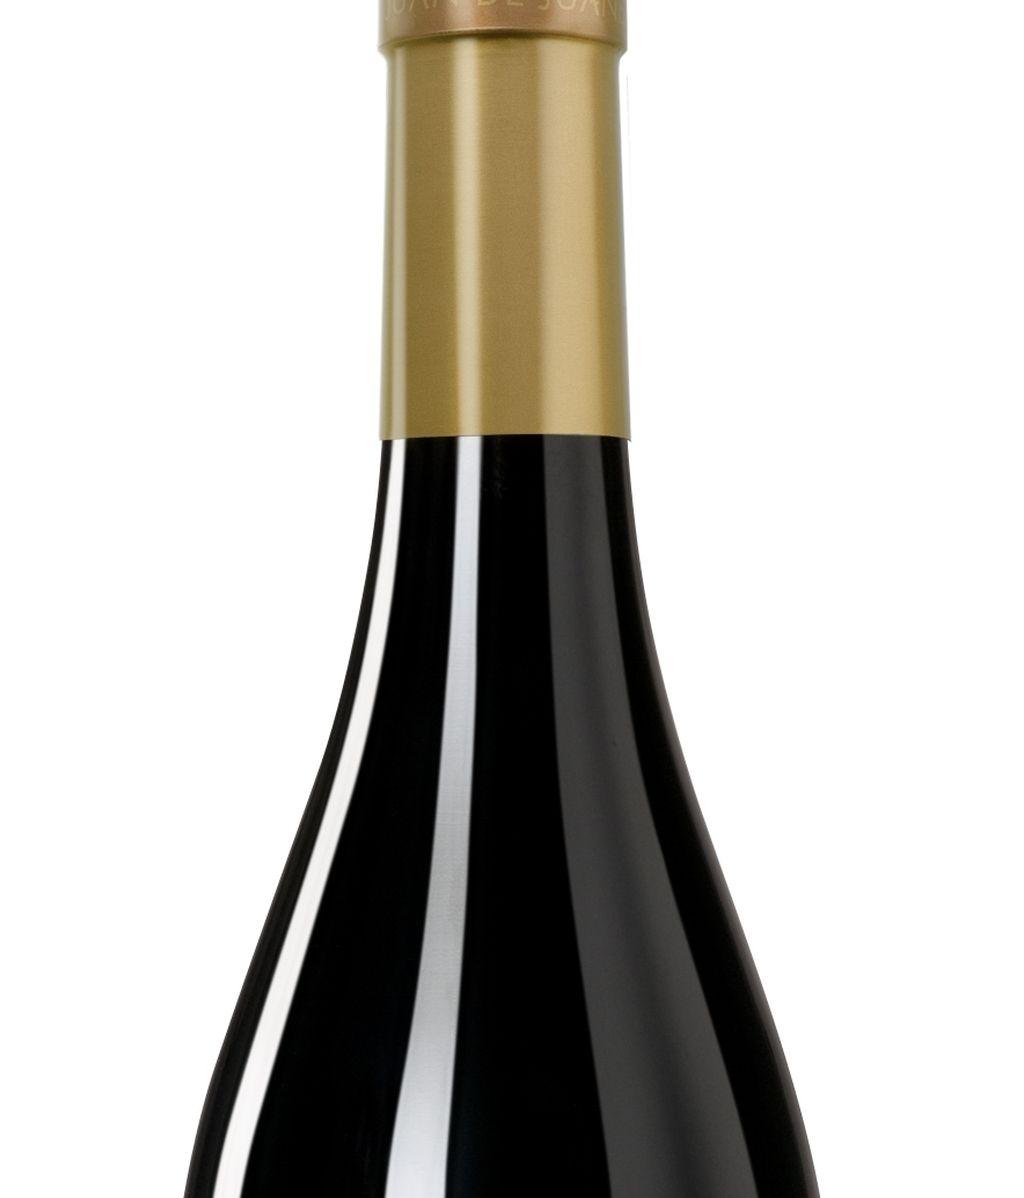 Supervinos 2015: Grandes vinos para las fiestas por menos de 7 euros